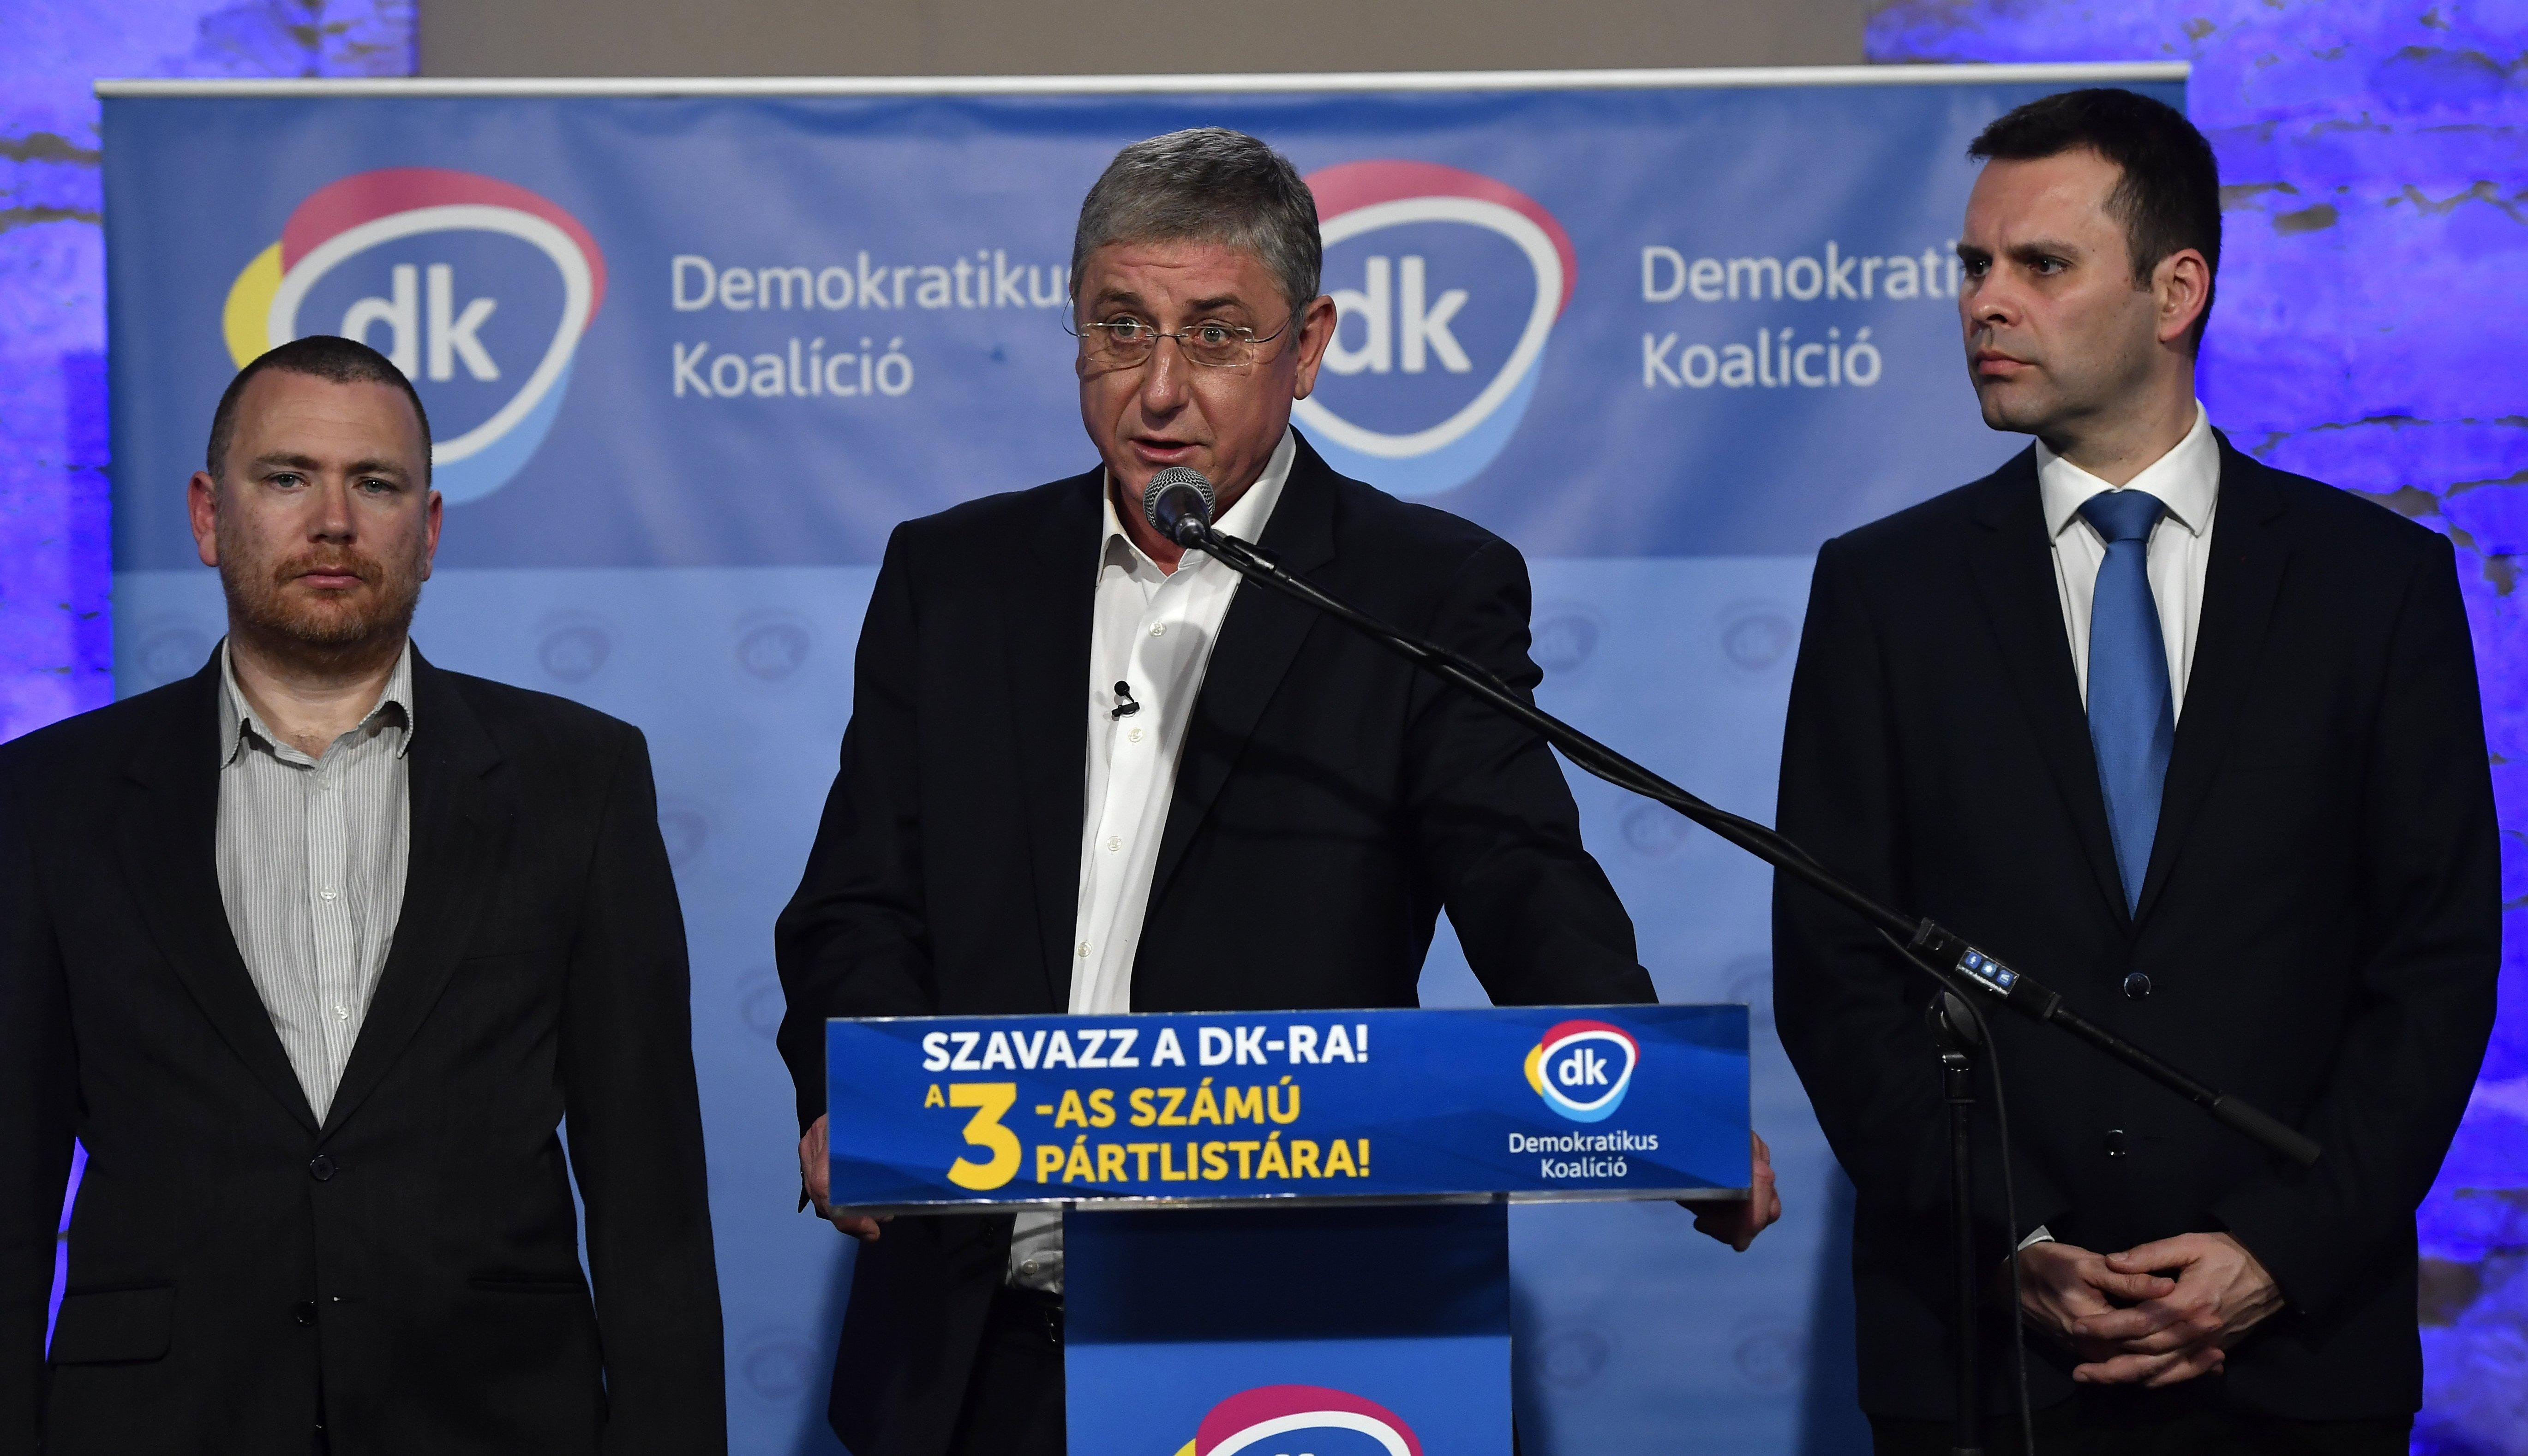 Kilépett a DK-ból Székely Sándor parlamenti képviselő, függetlenként folytatja